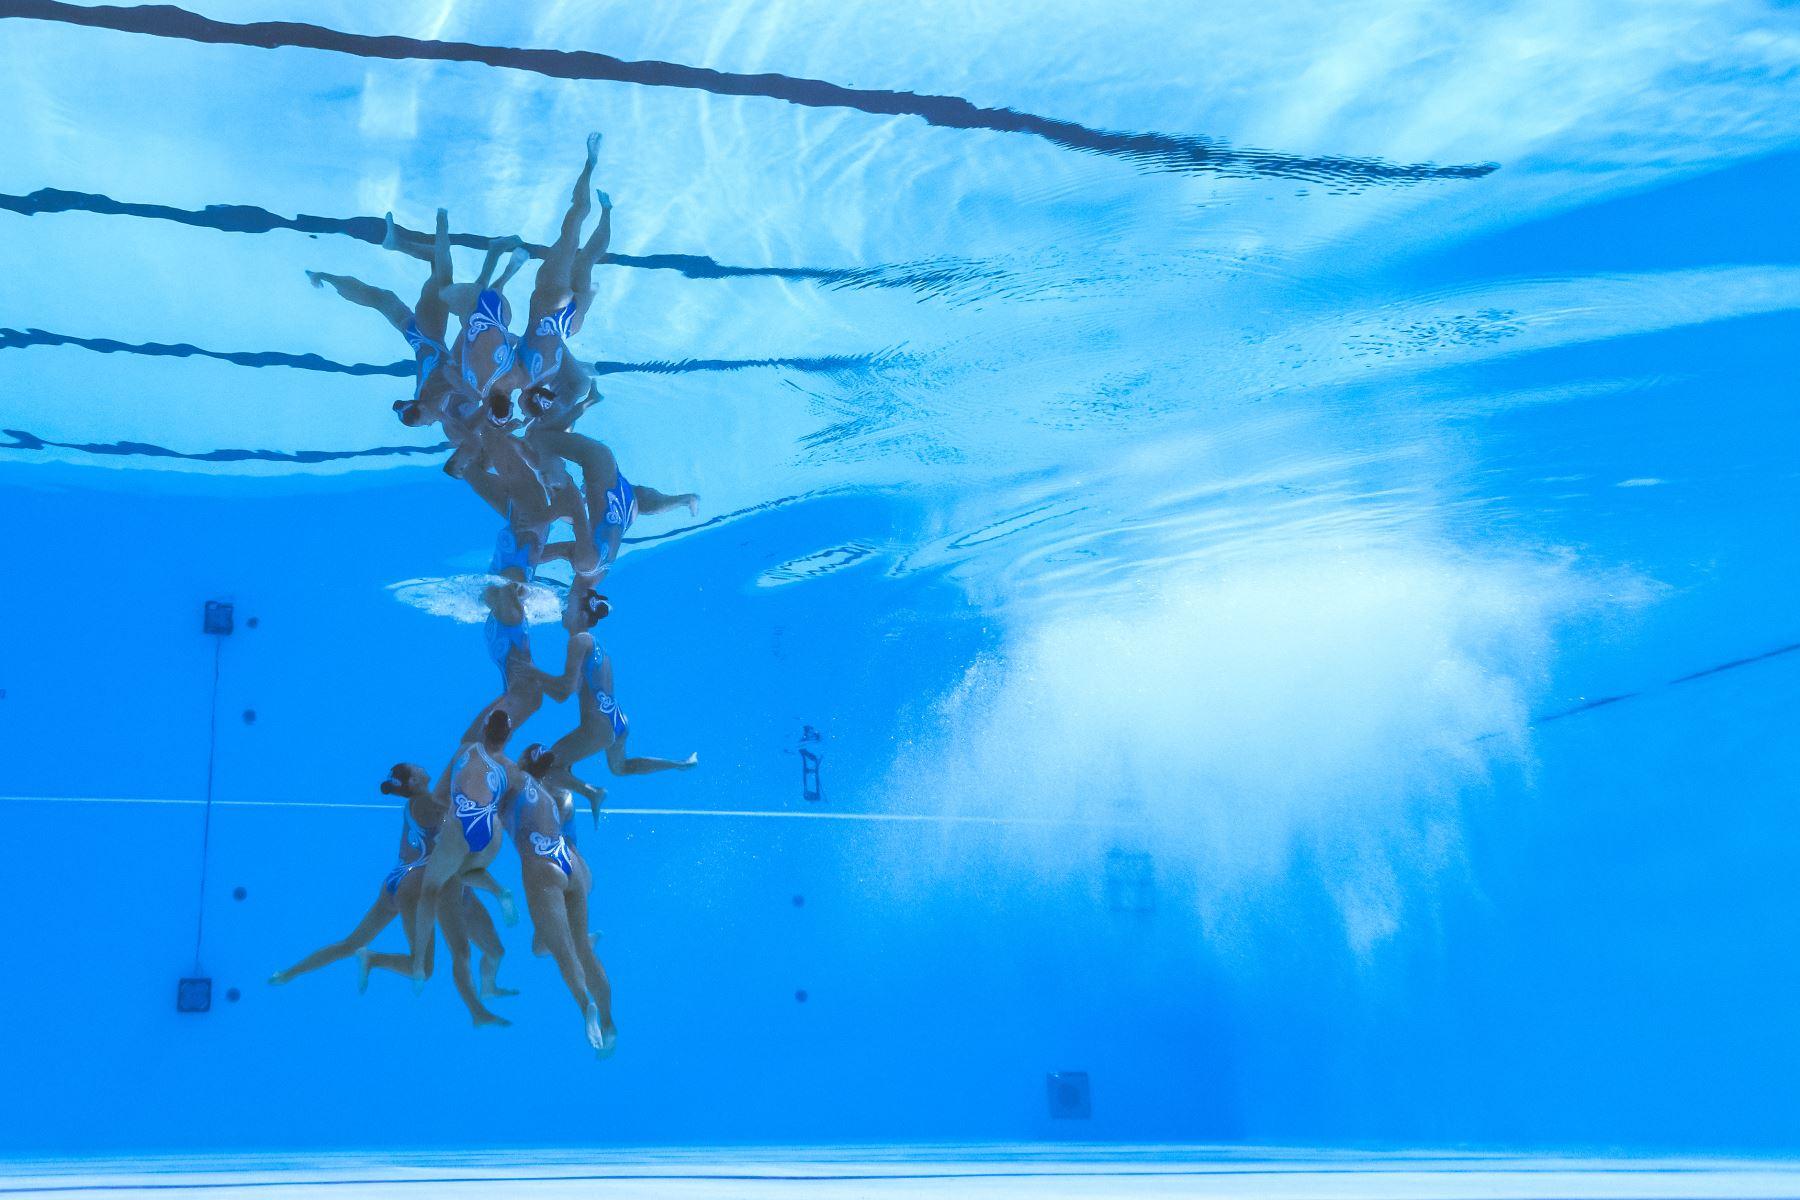 El equipo de Kazajistán compite en el evento de natación artística durante el campeonato mundial 2019 en Corea del Sur. Foto: AFP